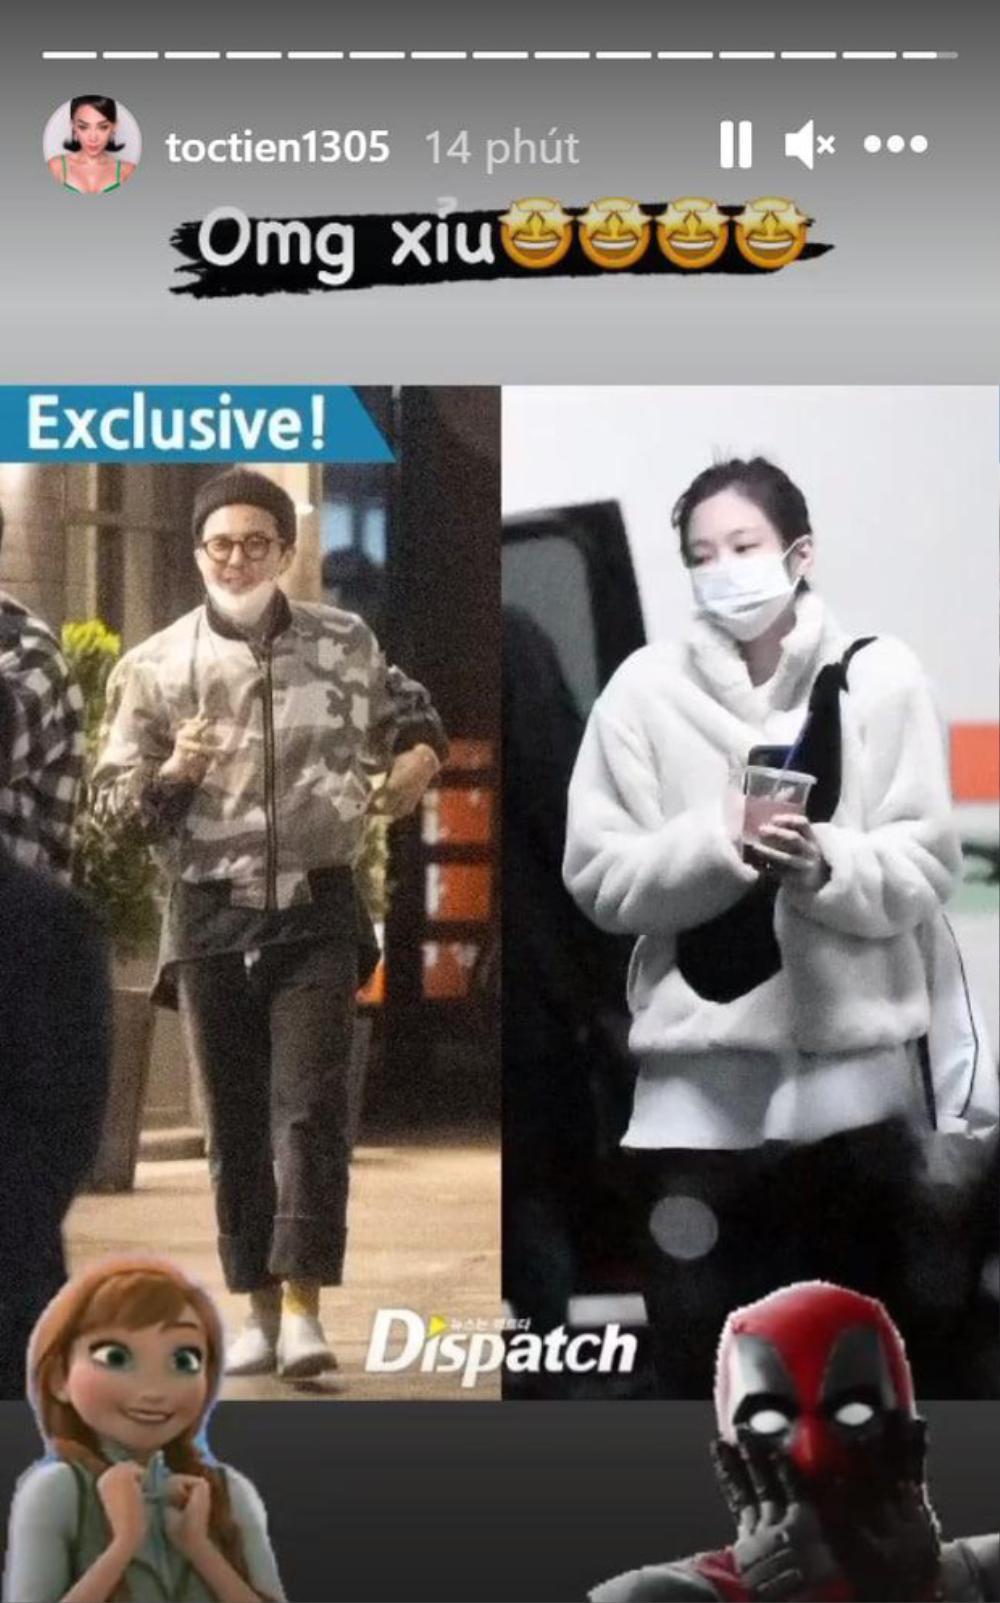 Huyền My, Tóc Tiên chúc mừng G-Dragon - Jennie vì đang hẹn hò, 'đáng thương' nhất là Diệu Nhi Ảnh 3